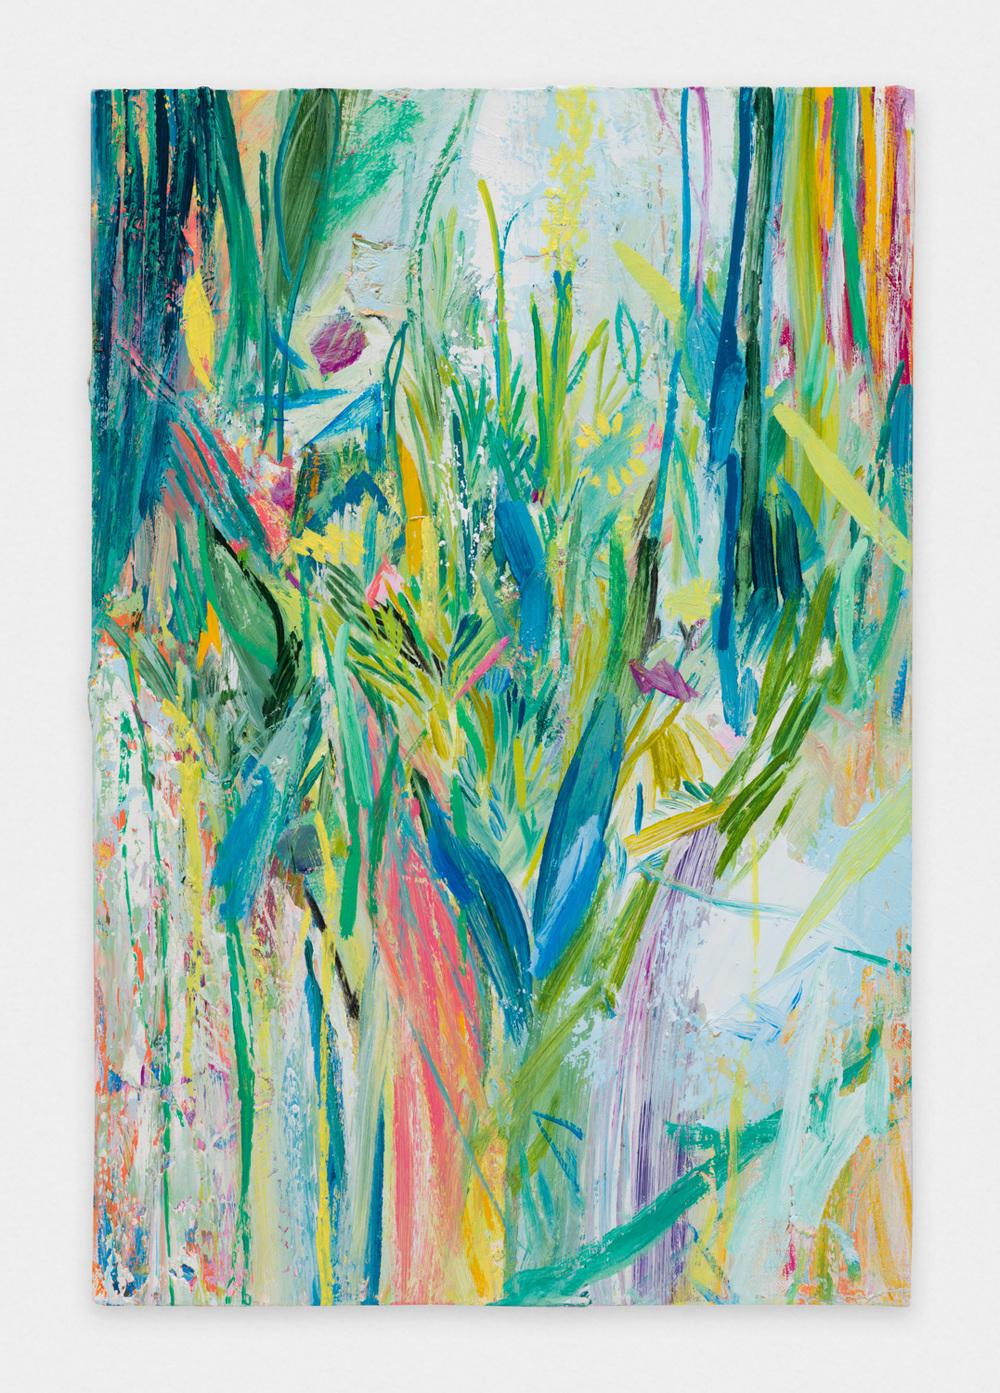 Miki Mochizuka Trophy 2015 - 2016 Oil on canvas 23.86 x 16.14 in (60.6h x 41w cm) MikiM011